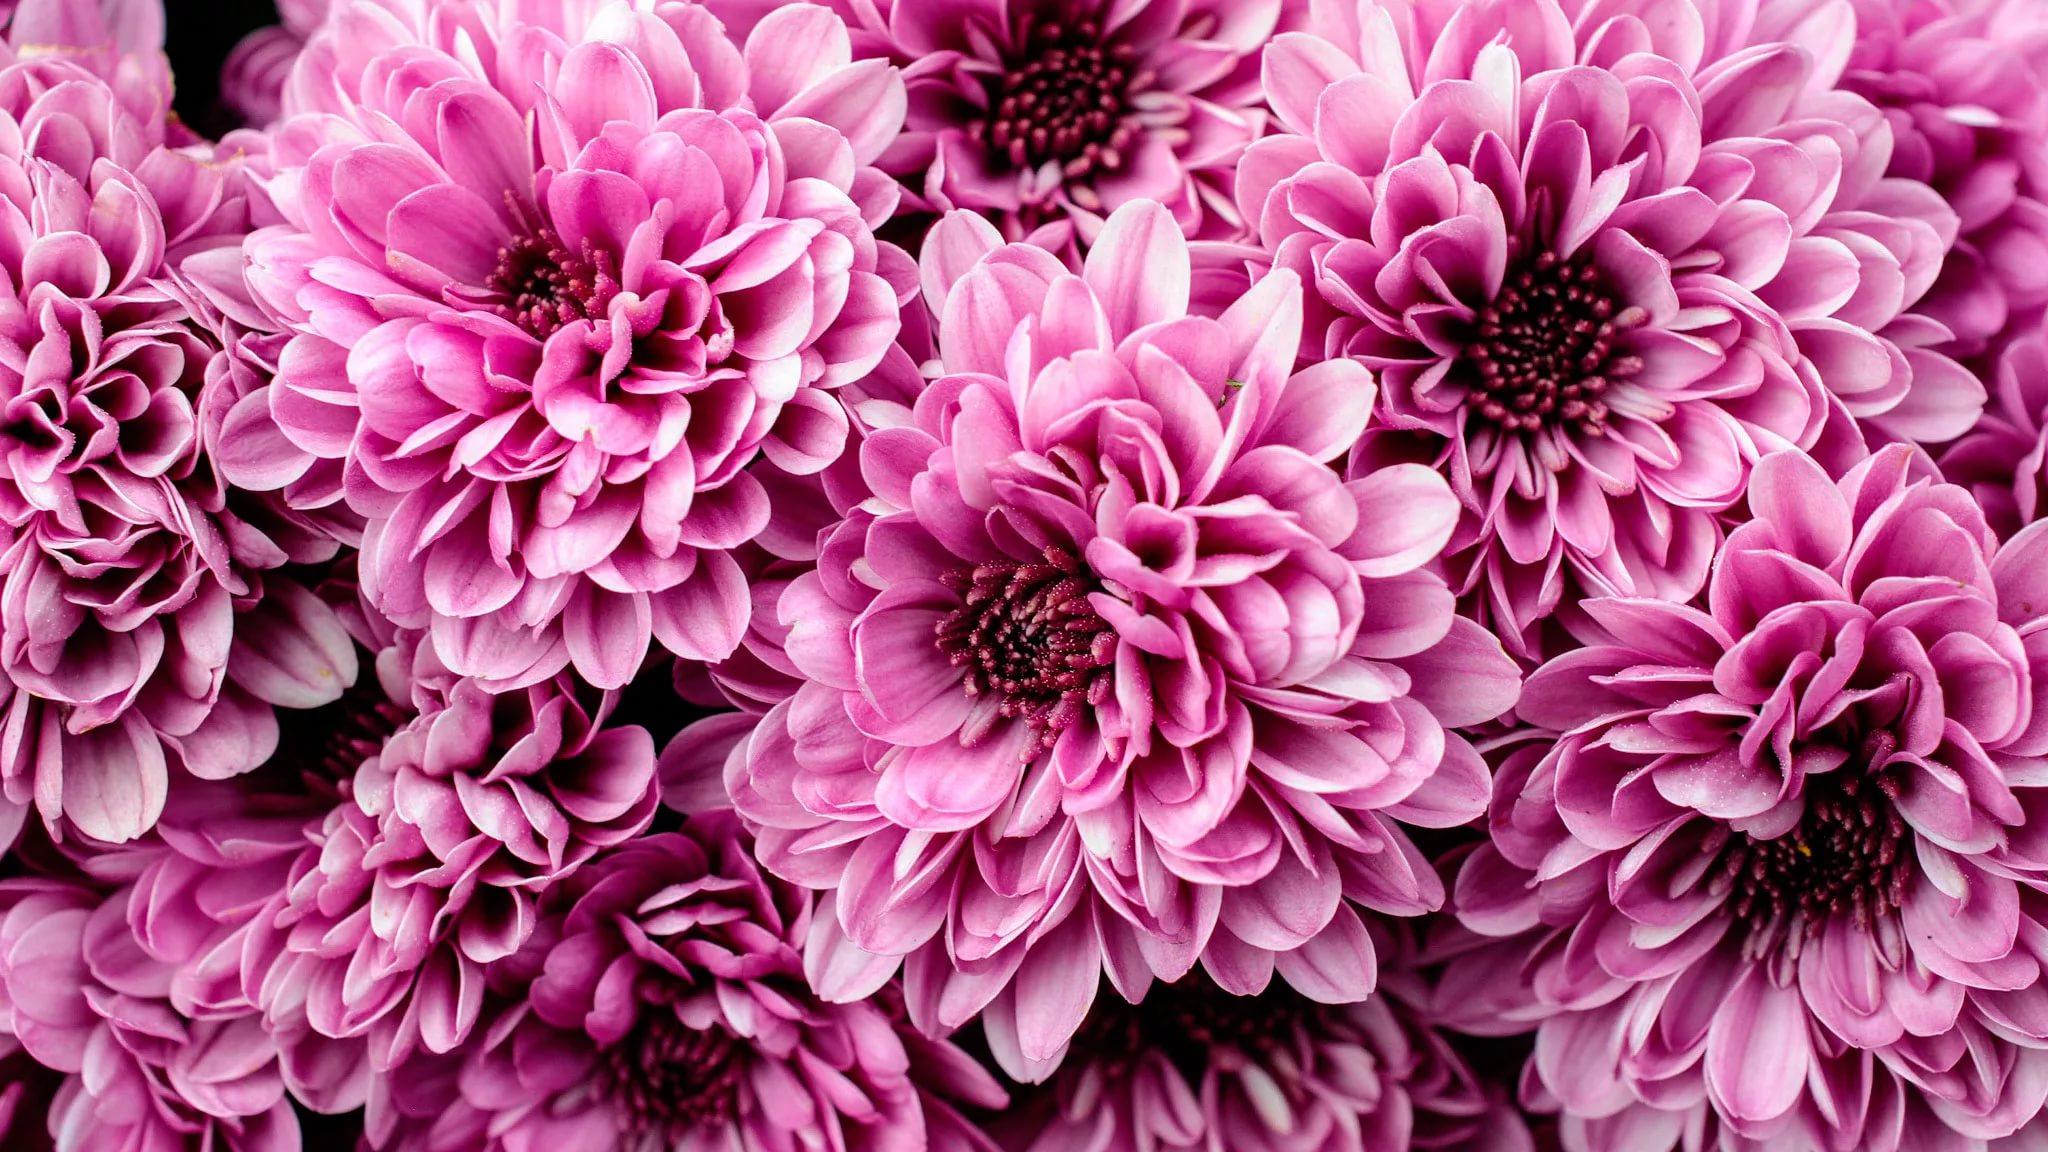 картинки на телефон цветы крупные был очень доволен